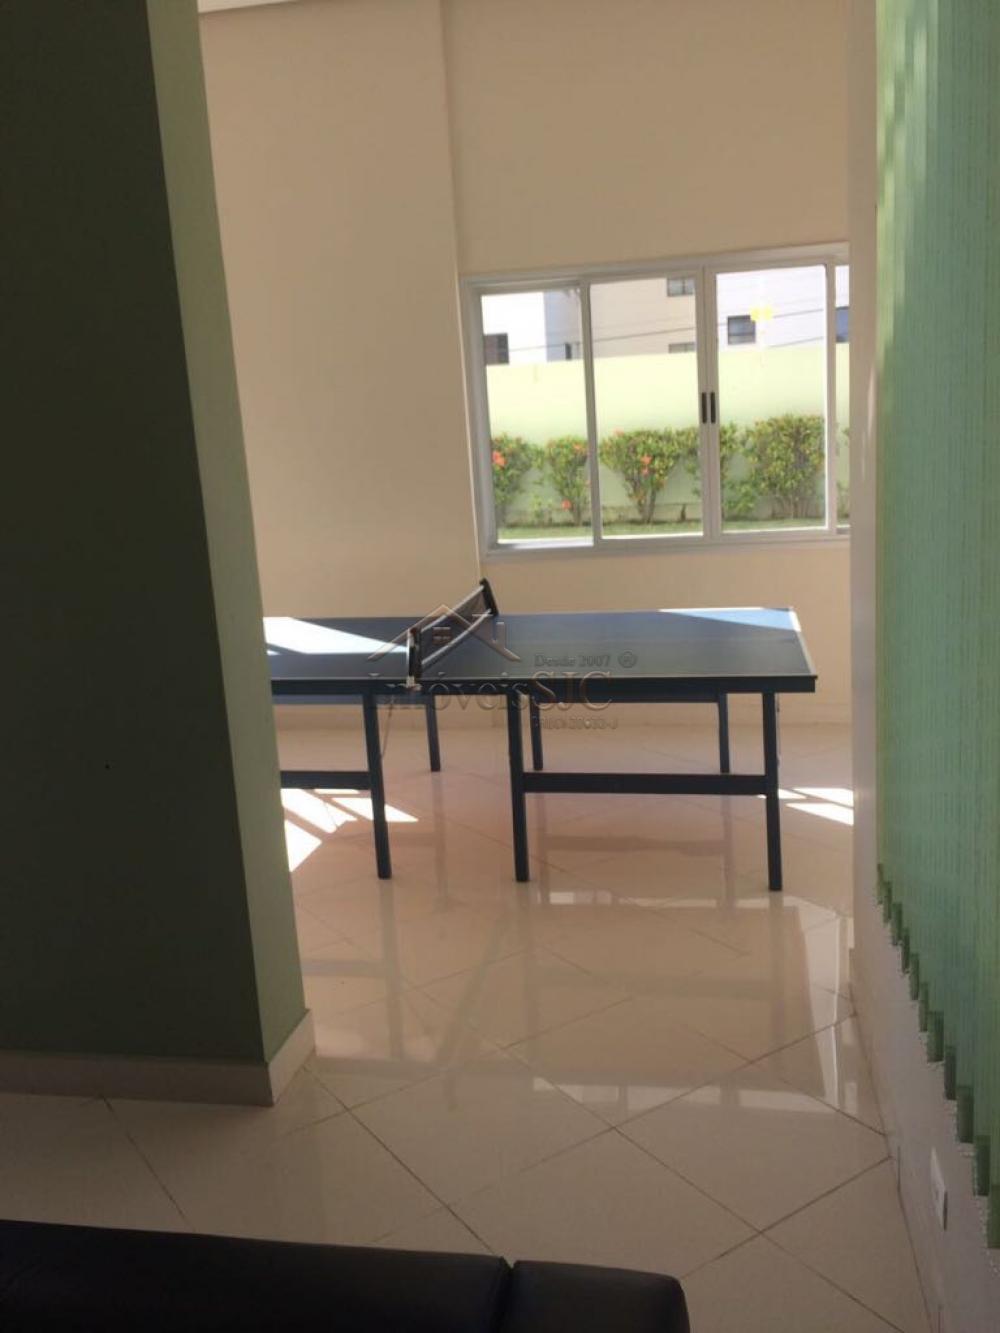 Comprar Apartamentos / Padrão em São José dos Campos apenas R$ 530.000,00 - Foto 19